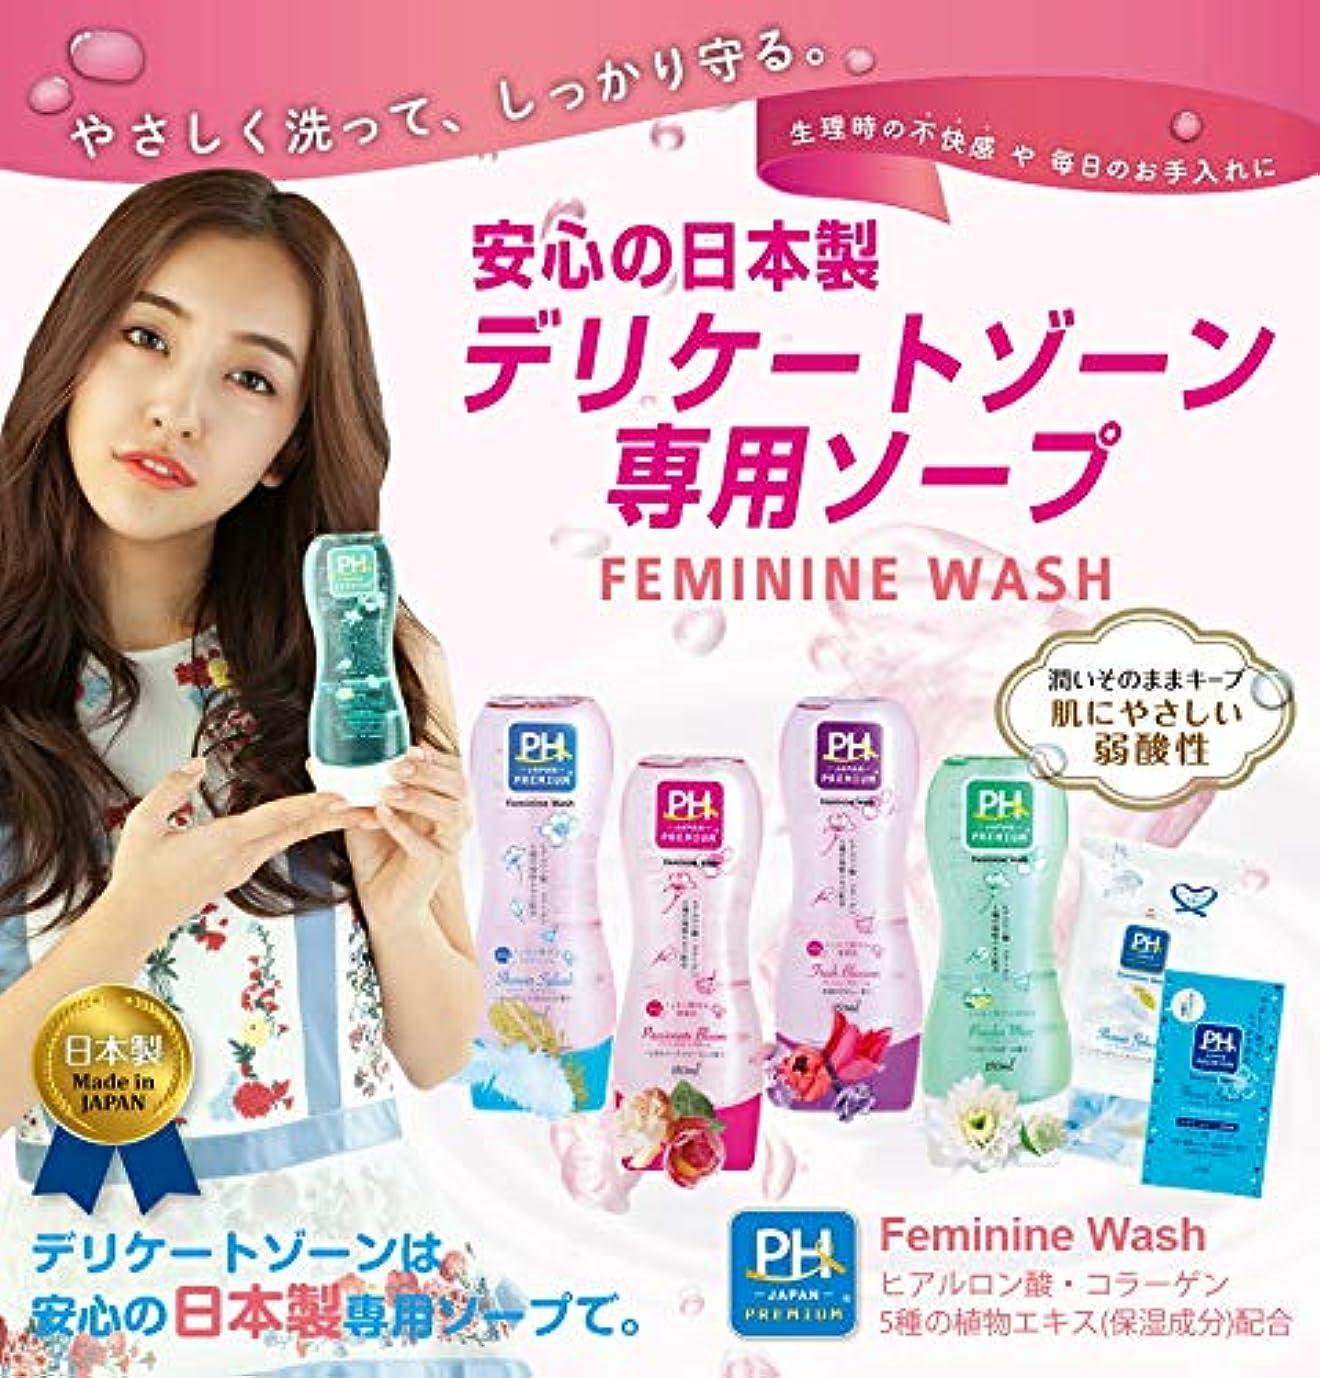 厳しい魅惑するビルダーPH JAPAN プレミアム フェミニンウォッシュ パッショネイトブルーム150ml上品なローズフローラルの香り 3本セット